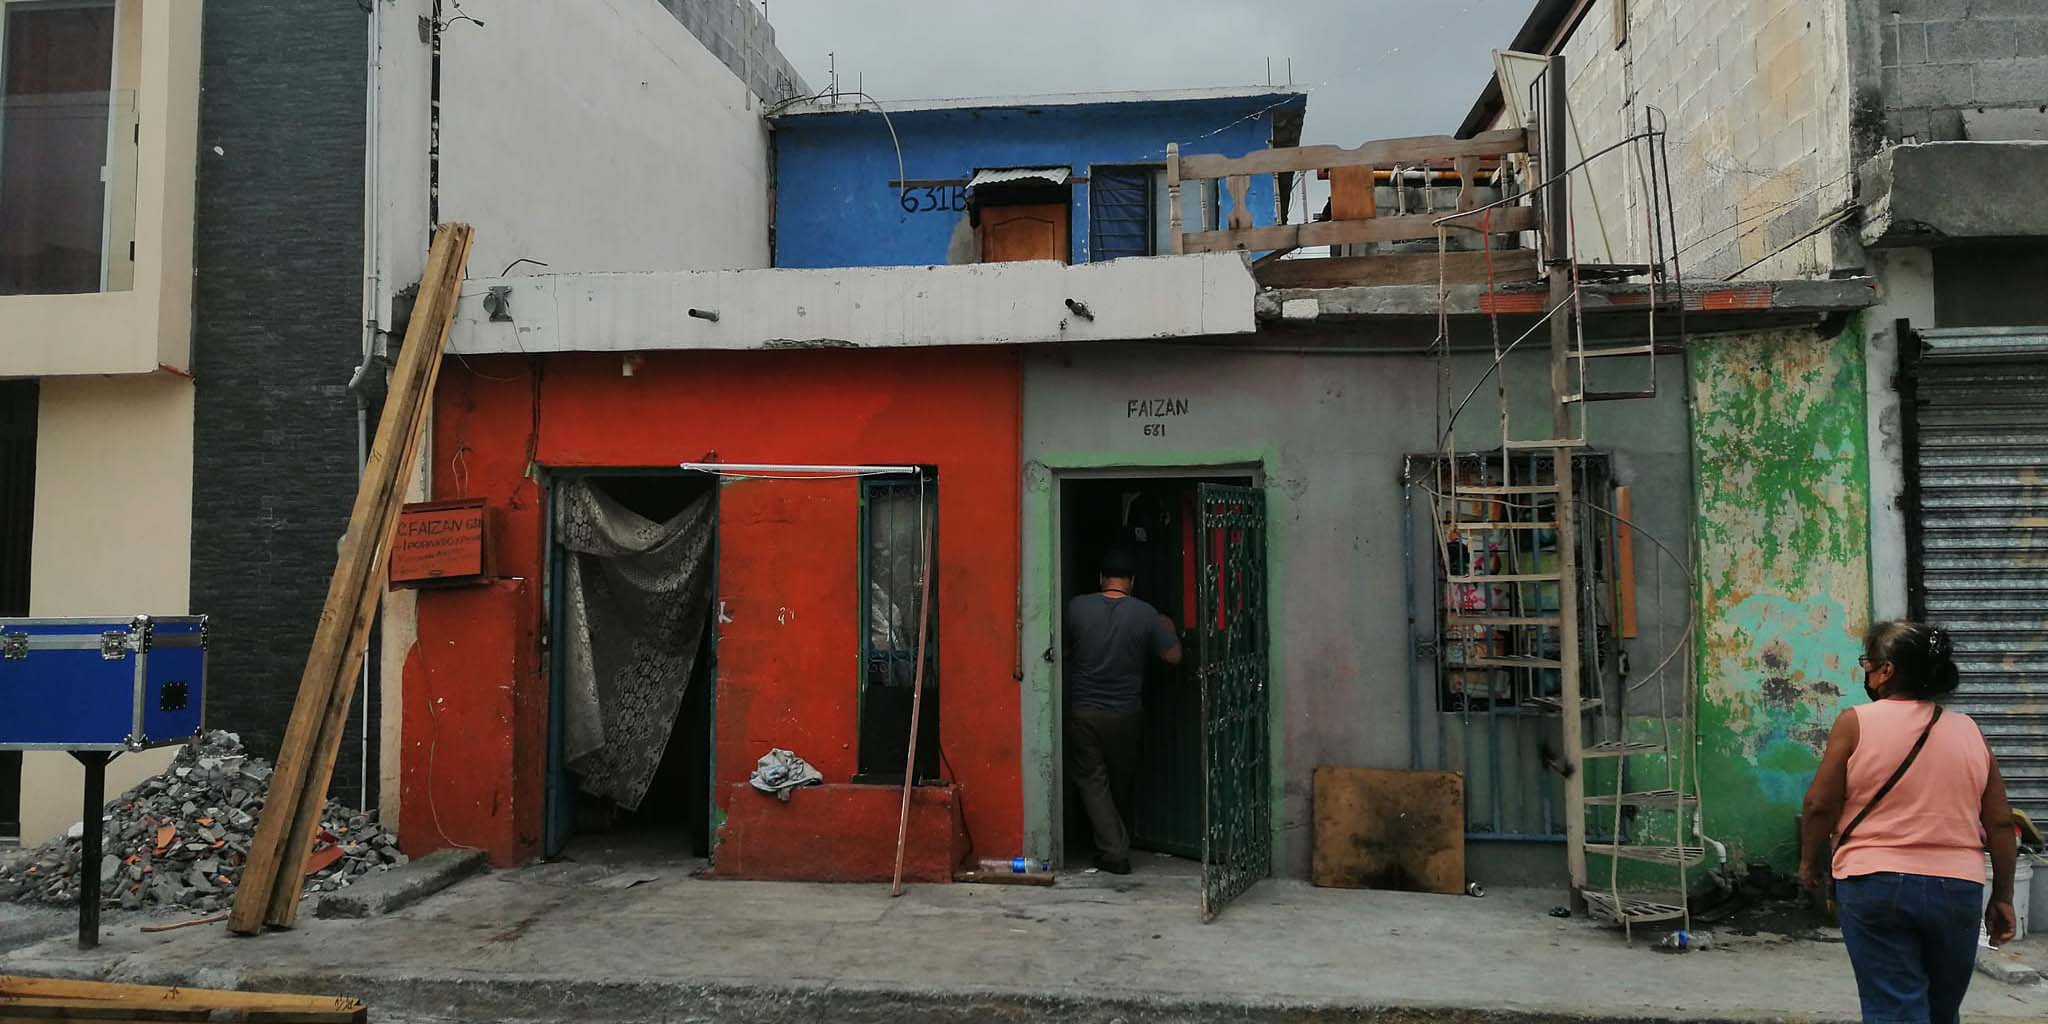 'Vale más la bici que la casa': venta de una vivienda humilde se vuelve viral | El Imparcial de Oaxaca